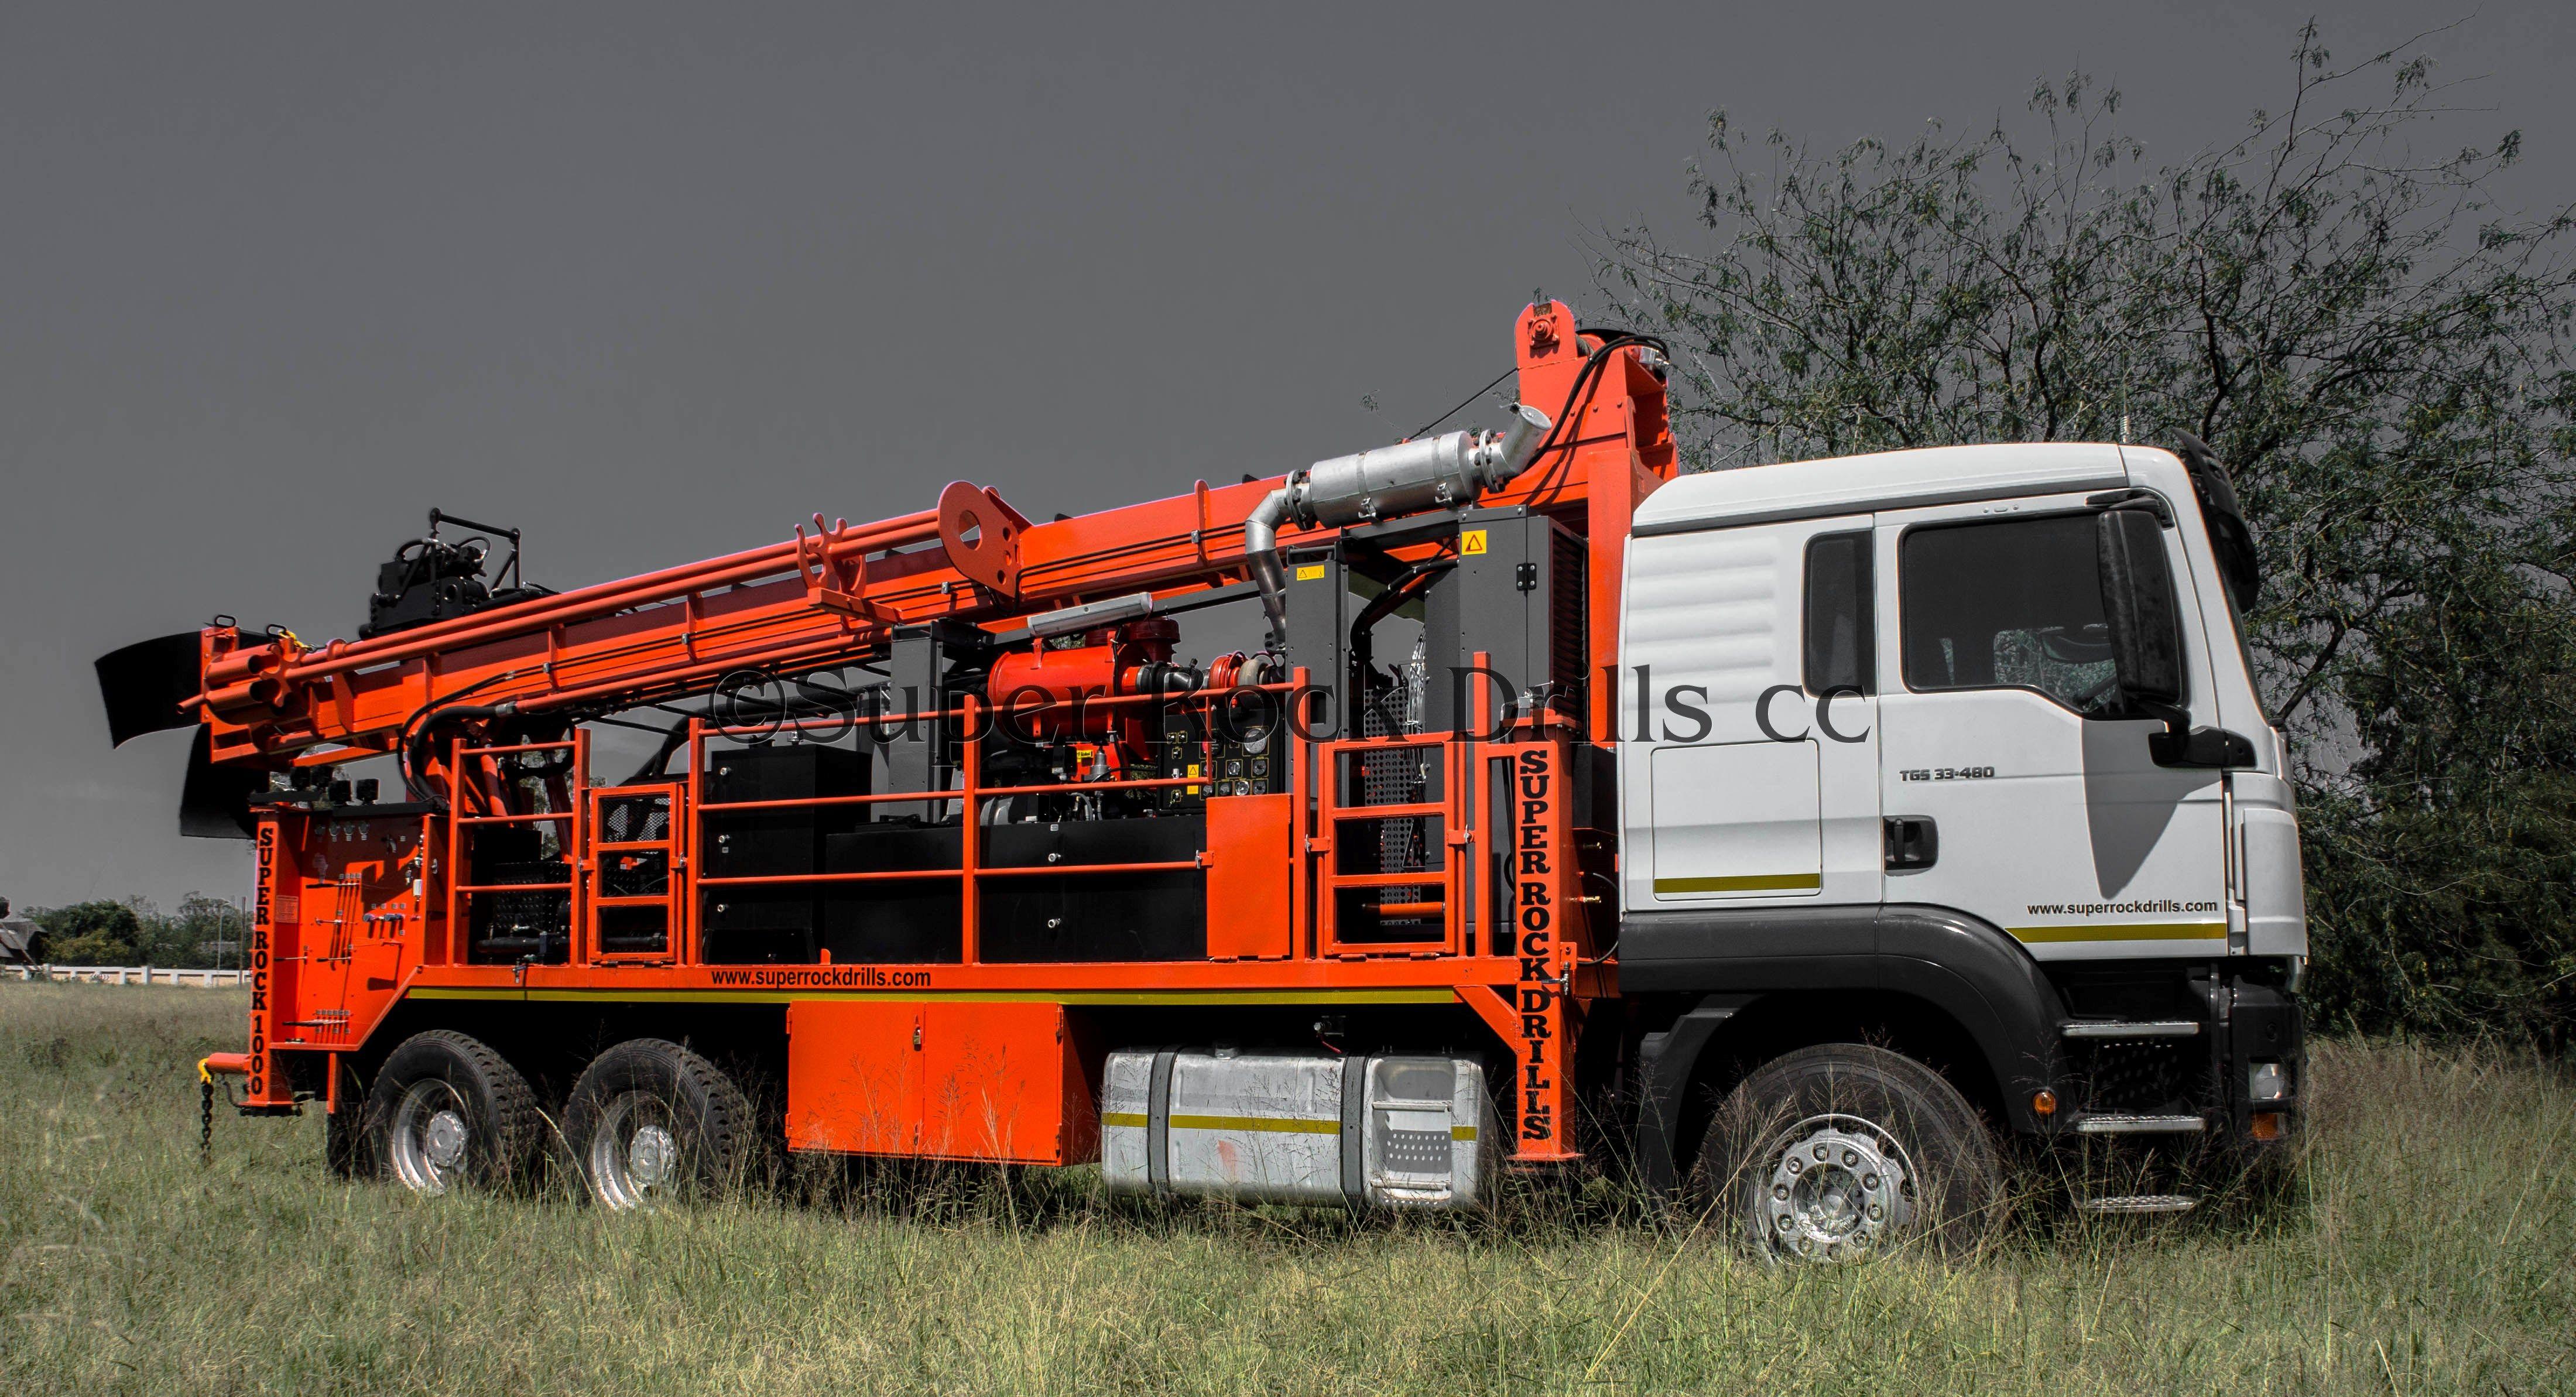 A SR1000 Waterwell rig c/w Atlas Copco onboard compressor